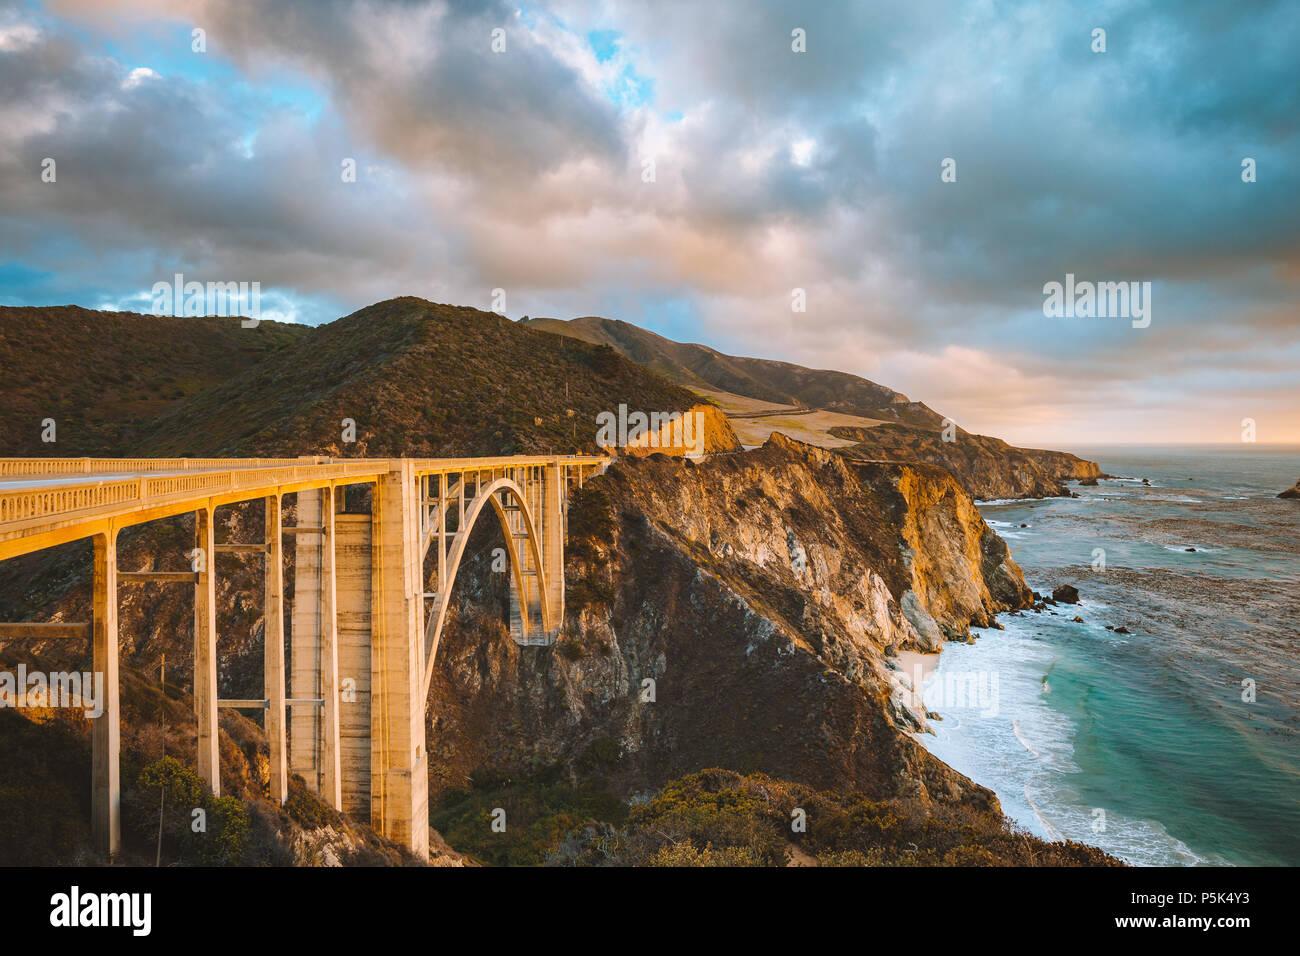 Pintoresca vista panorámica del casco histórico de Bixby Creek mundialmente famoso puente a lo largo de la autopista 1 en la hermosa luz del atardecer dorado al atardecer con dramáticas cloudscape Foto de stock